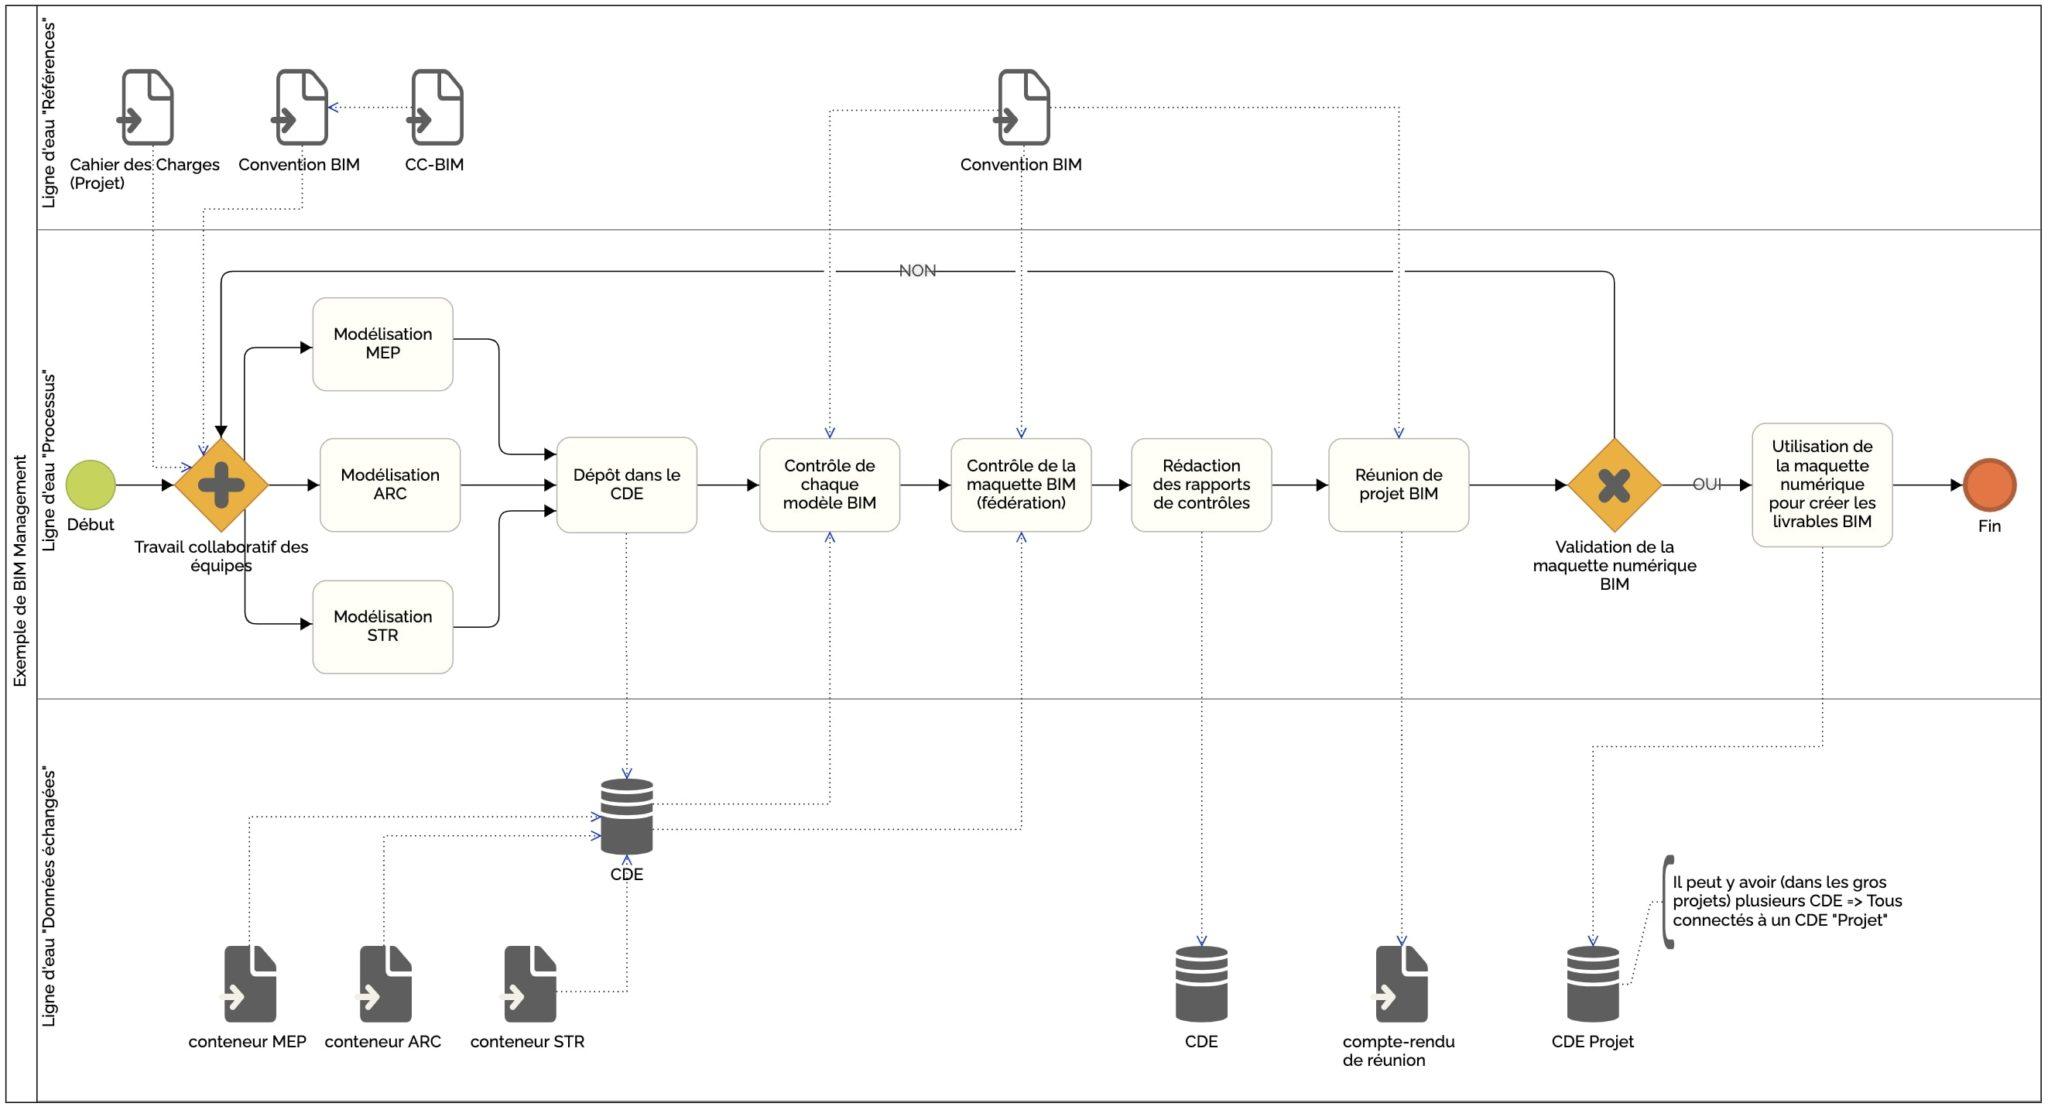 exemple de schéma BPMN dans une convention BIM